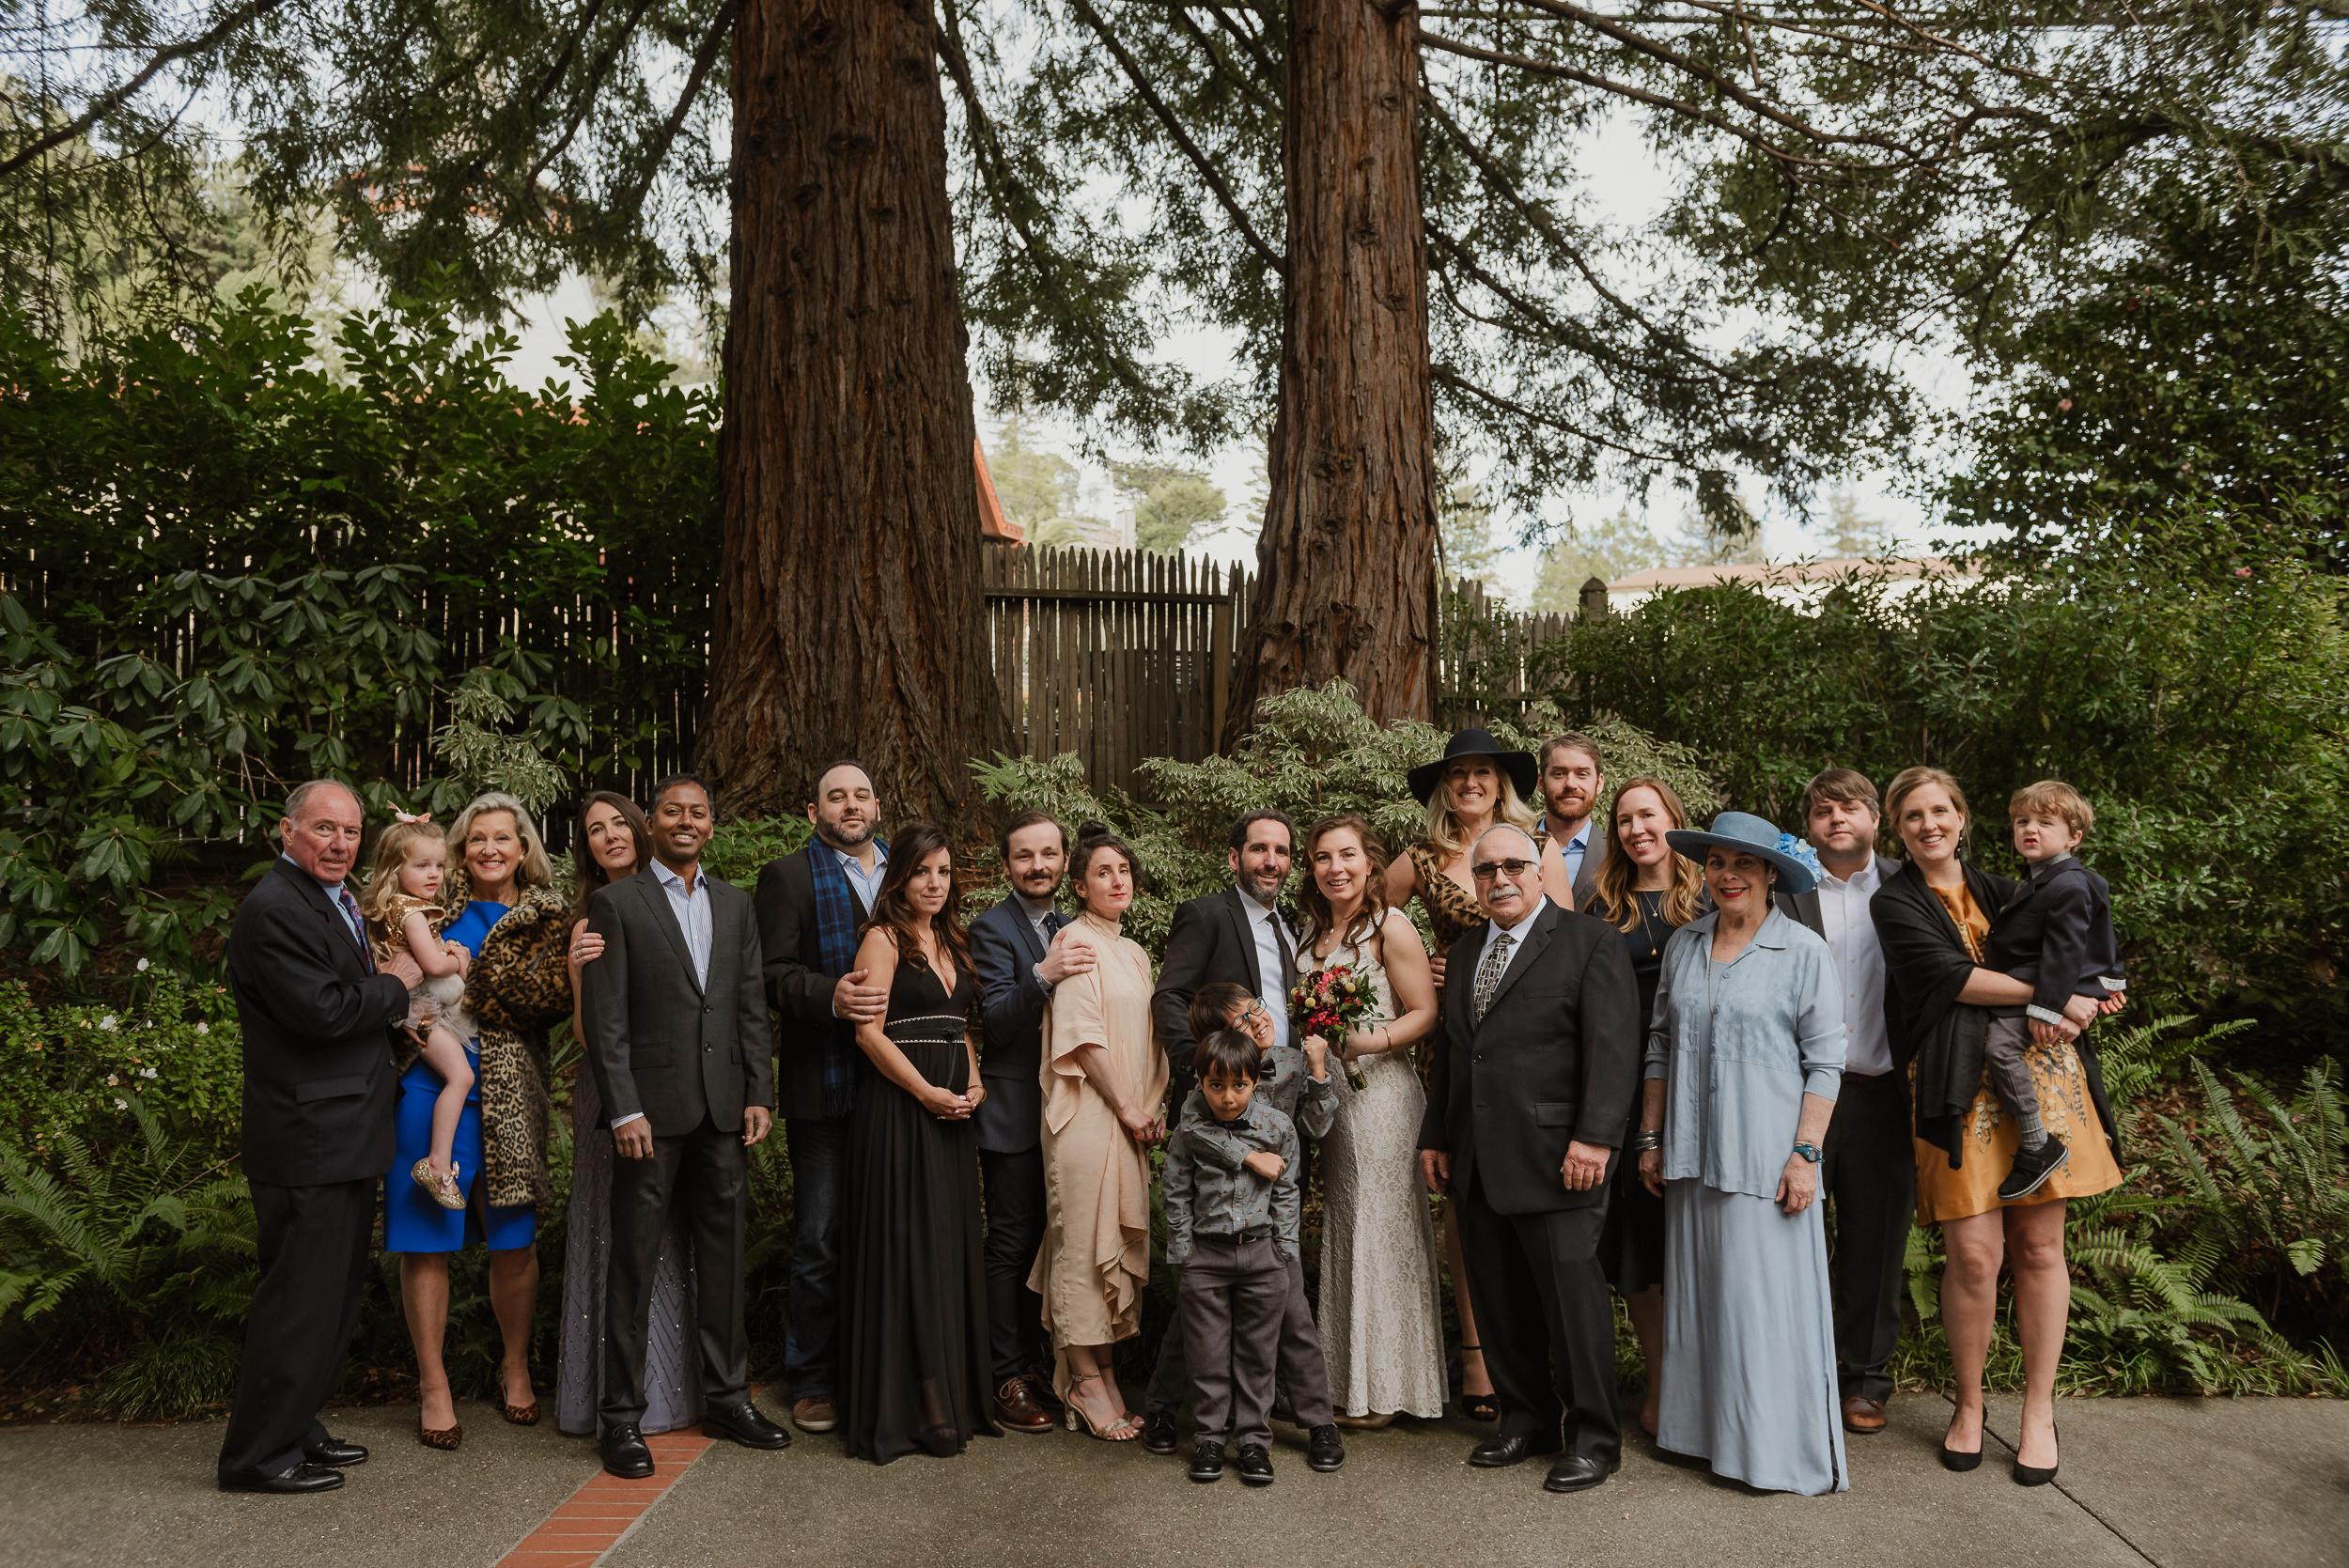 048winter-mill-valley-wedding-outdoor-art-club-wedding-vivianchen-236.jpg